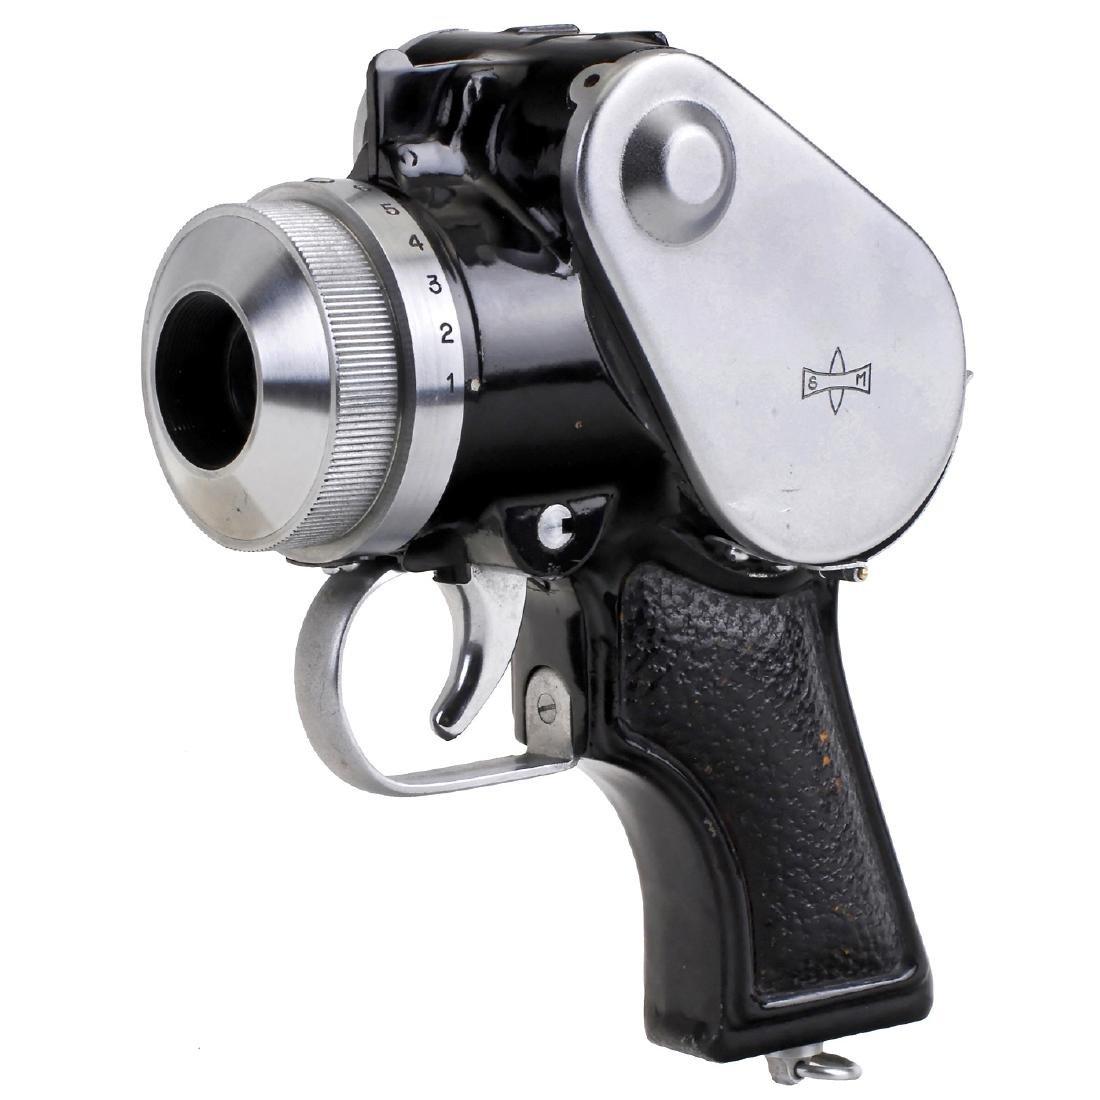 Mamiya Pistol Police Camera, 1954